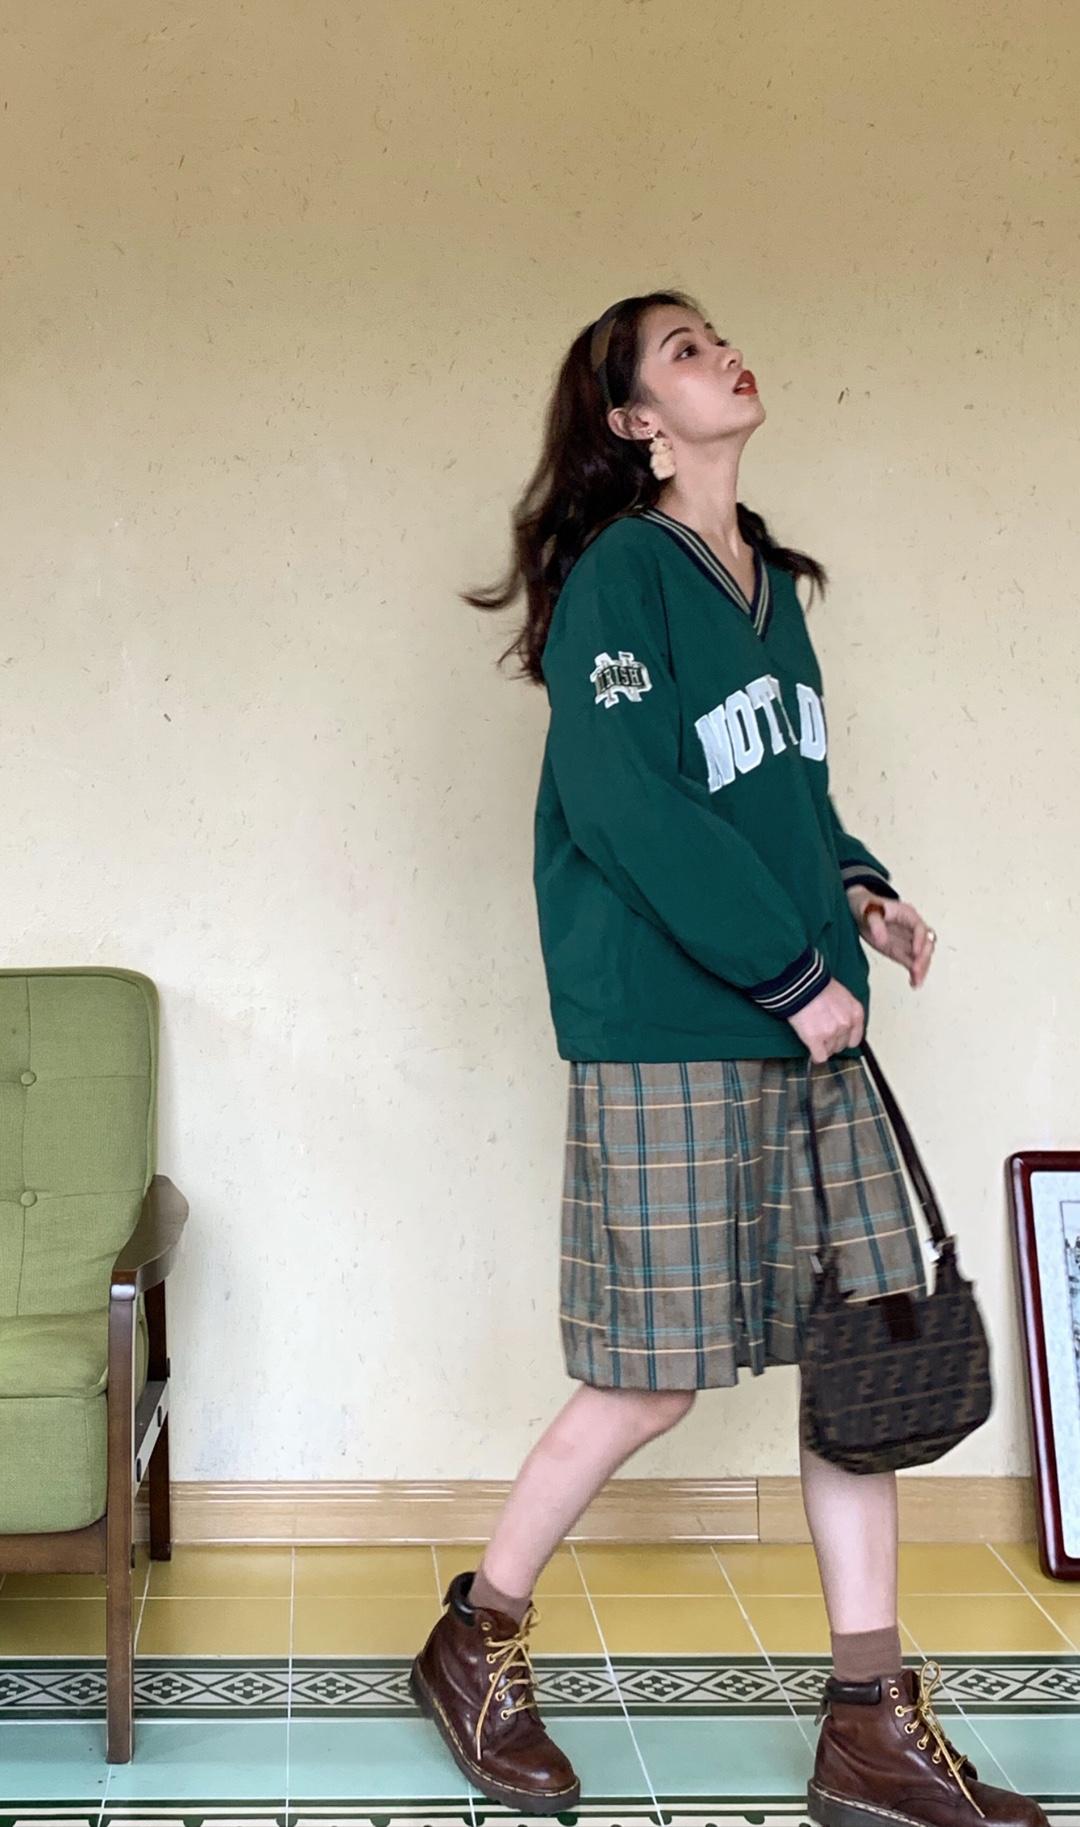 深橄榄绿色的卫衣真的太太太少见了,这件颜色太显白了,衣服是有点反光雨衣布料的感觉,是偏柔软的那种,呈A字形的版型,可以完美隐藏有小肚子或者大腿肉较多的身材。搭配绿条纹的格子裤,休闲又别致。主要是真的太显白,可以夸一万遍!#秋装上新穿搭打卡#